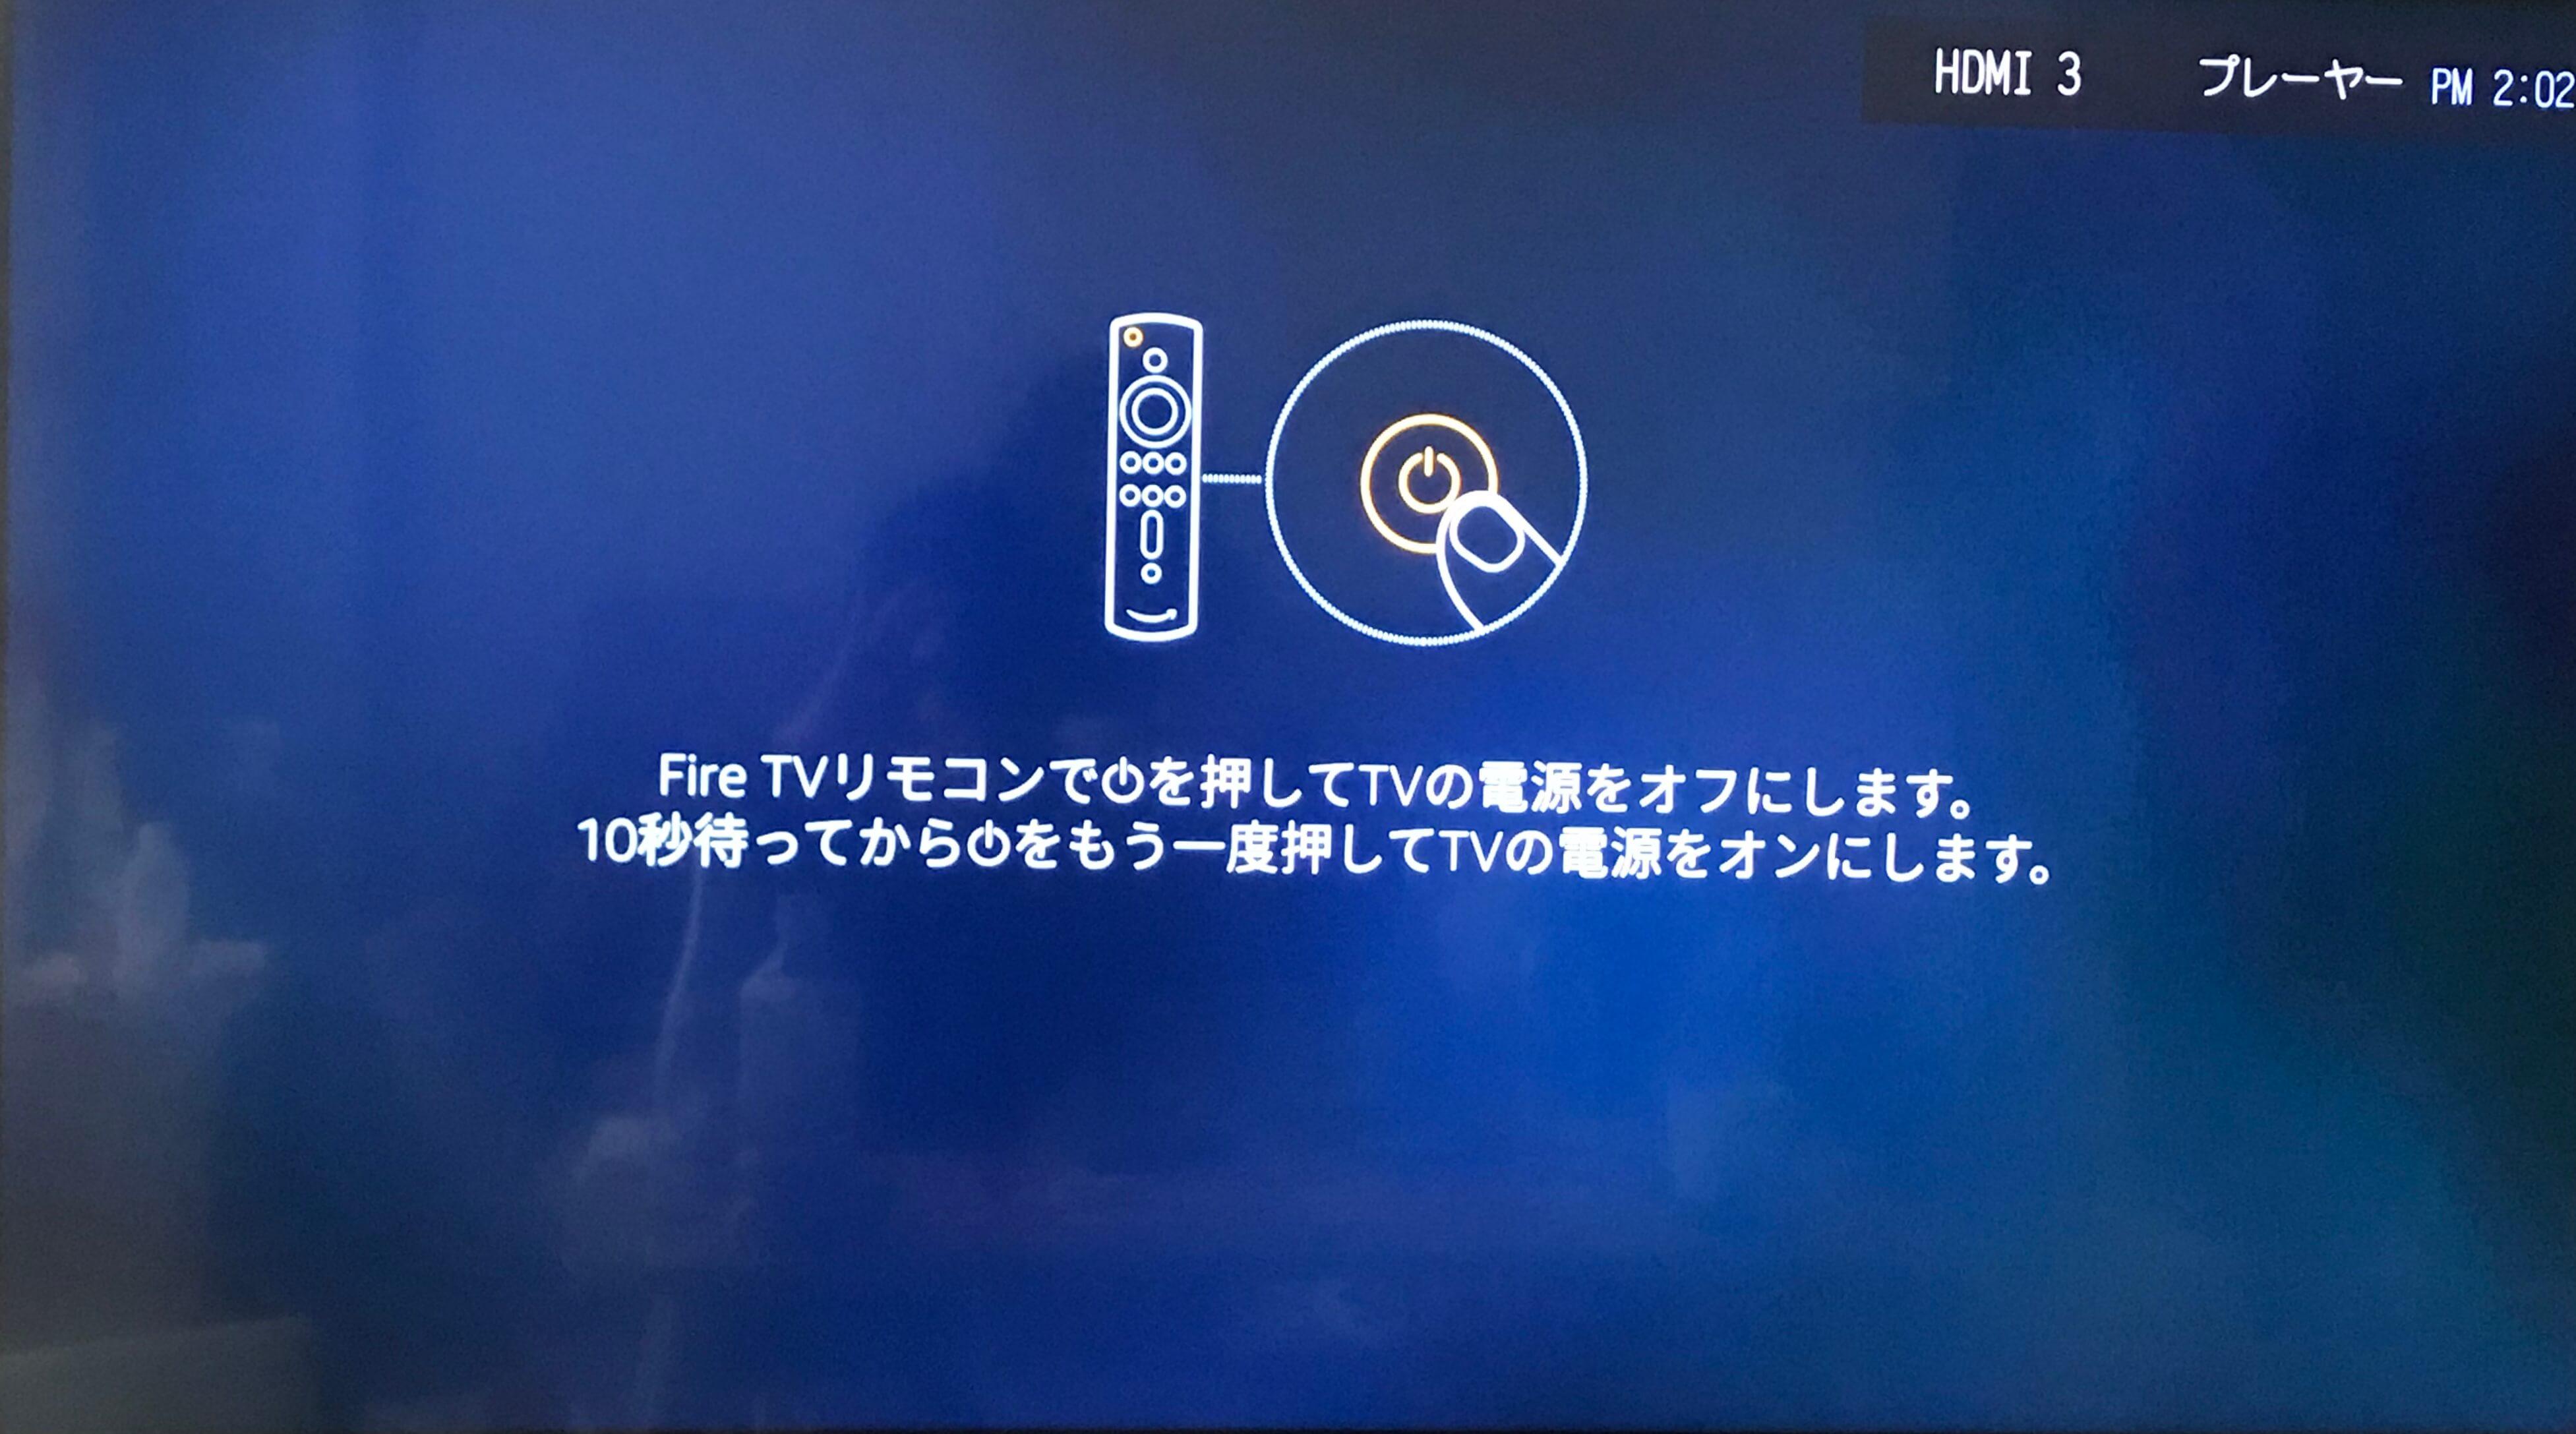 Amazon-fire-TV-stick-4kの設定画面でTV検索の終了画面